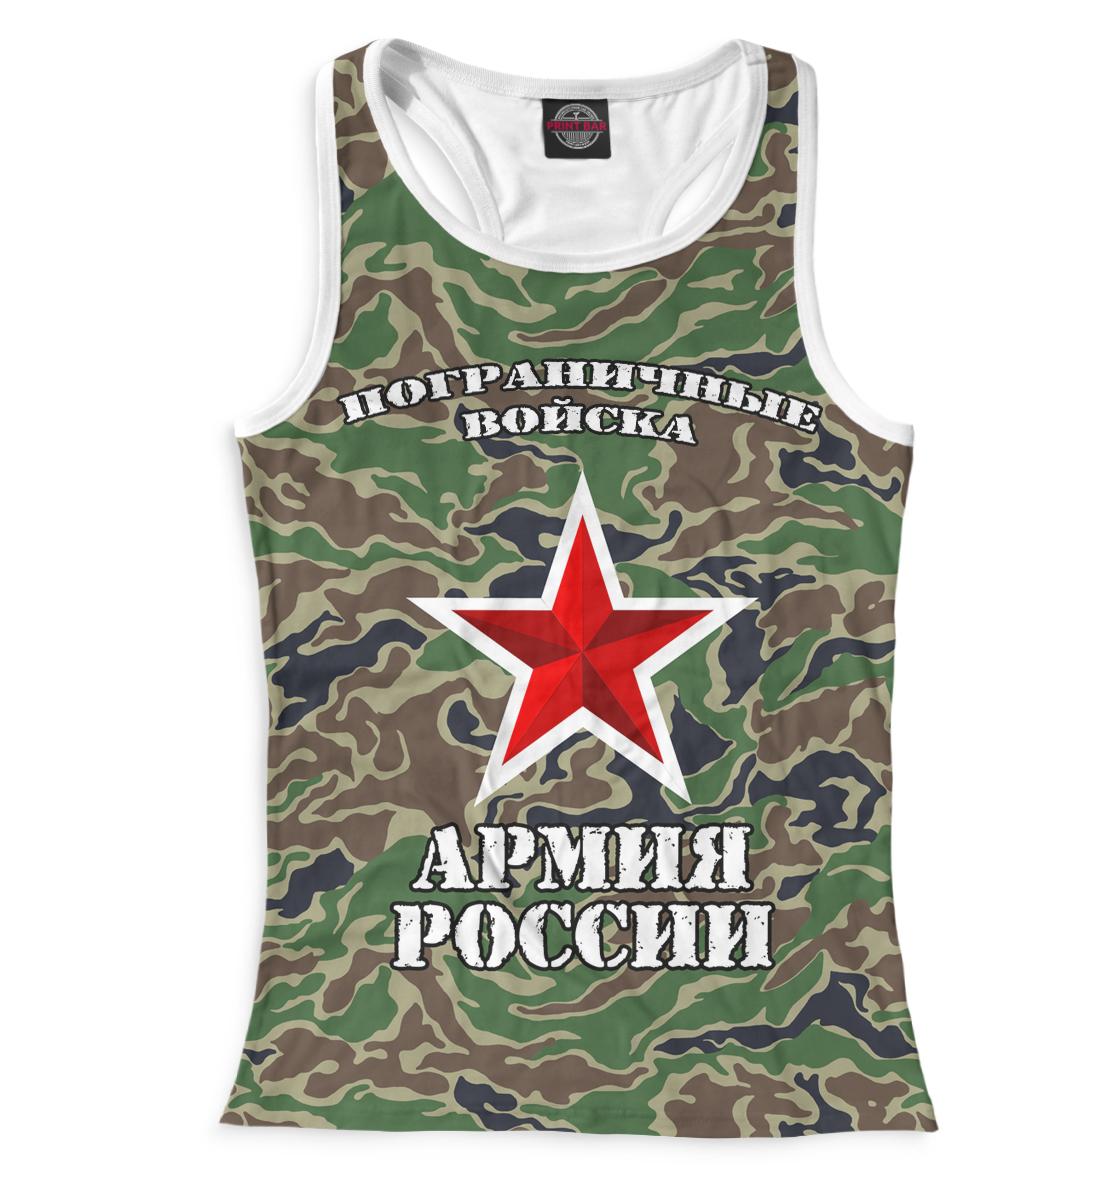 Пограничные войска, Printbar, Майки борцовки, PGR-375284-mayb-1  - купить со скидкой